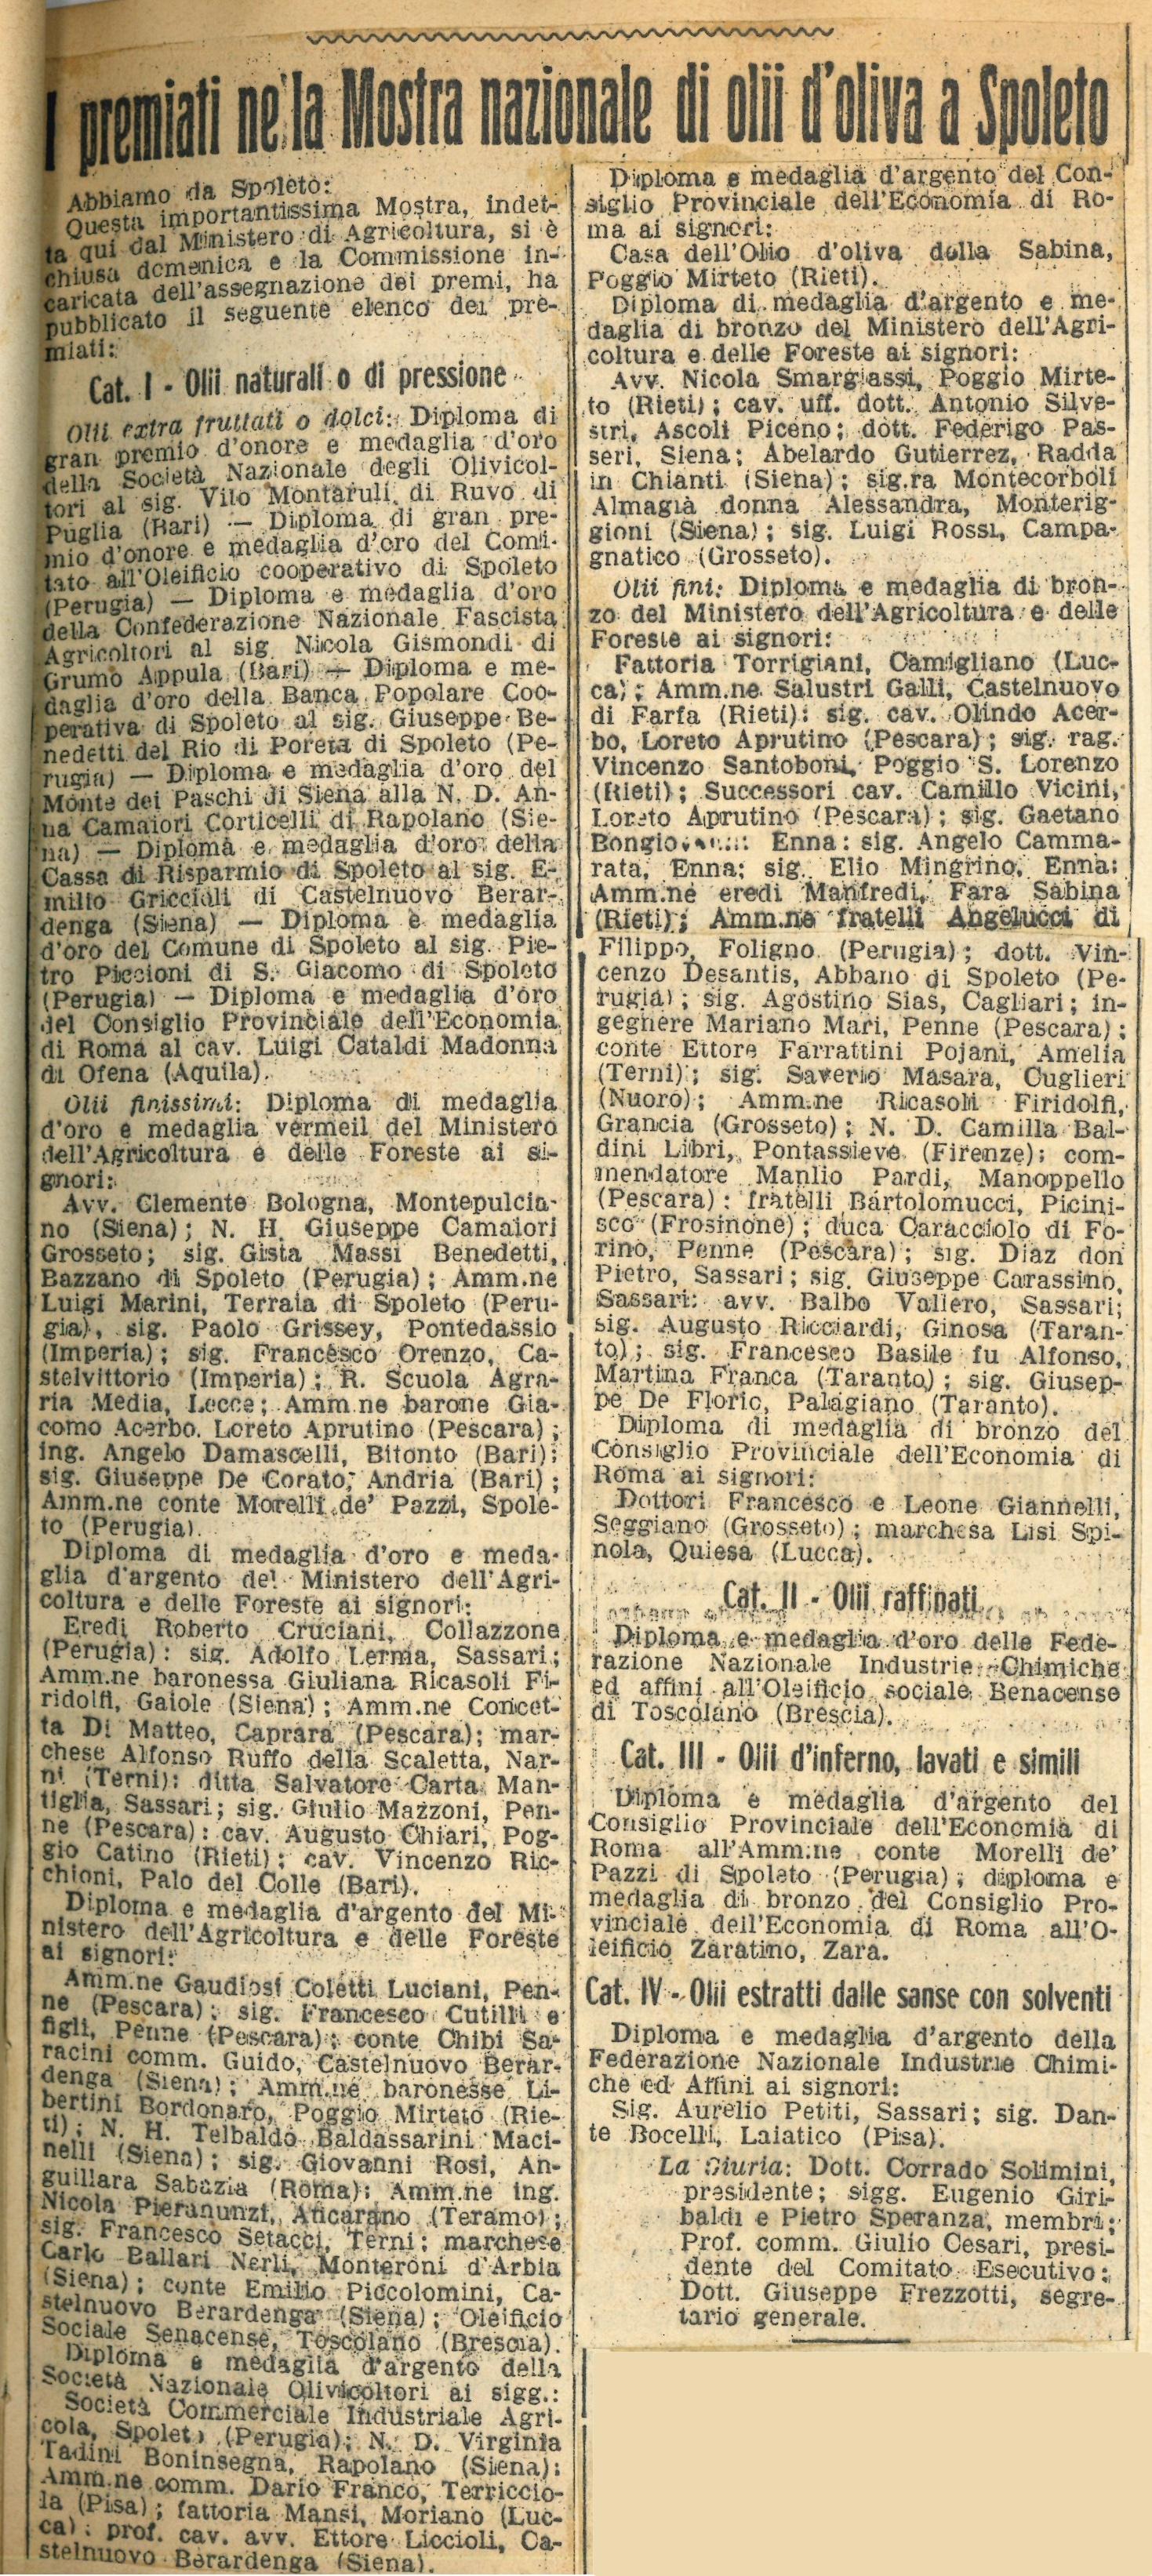 Articolo 'Il Messaggero' | 1930